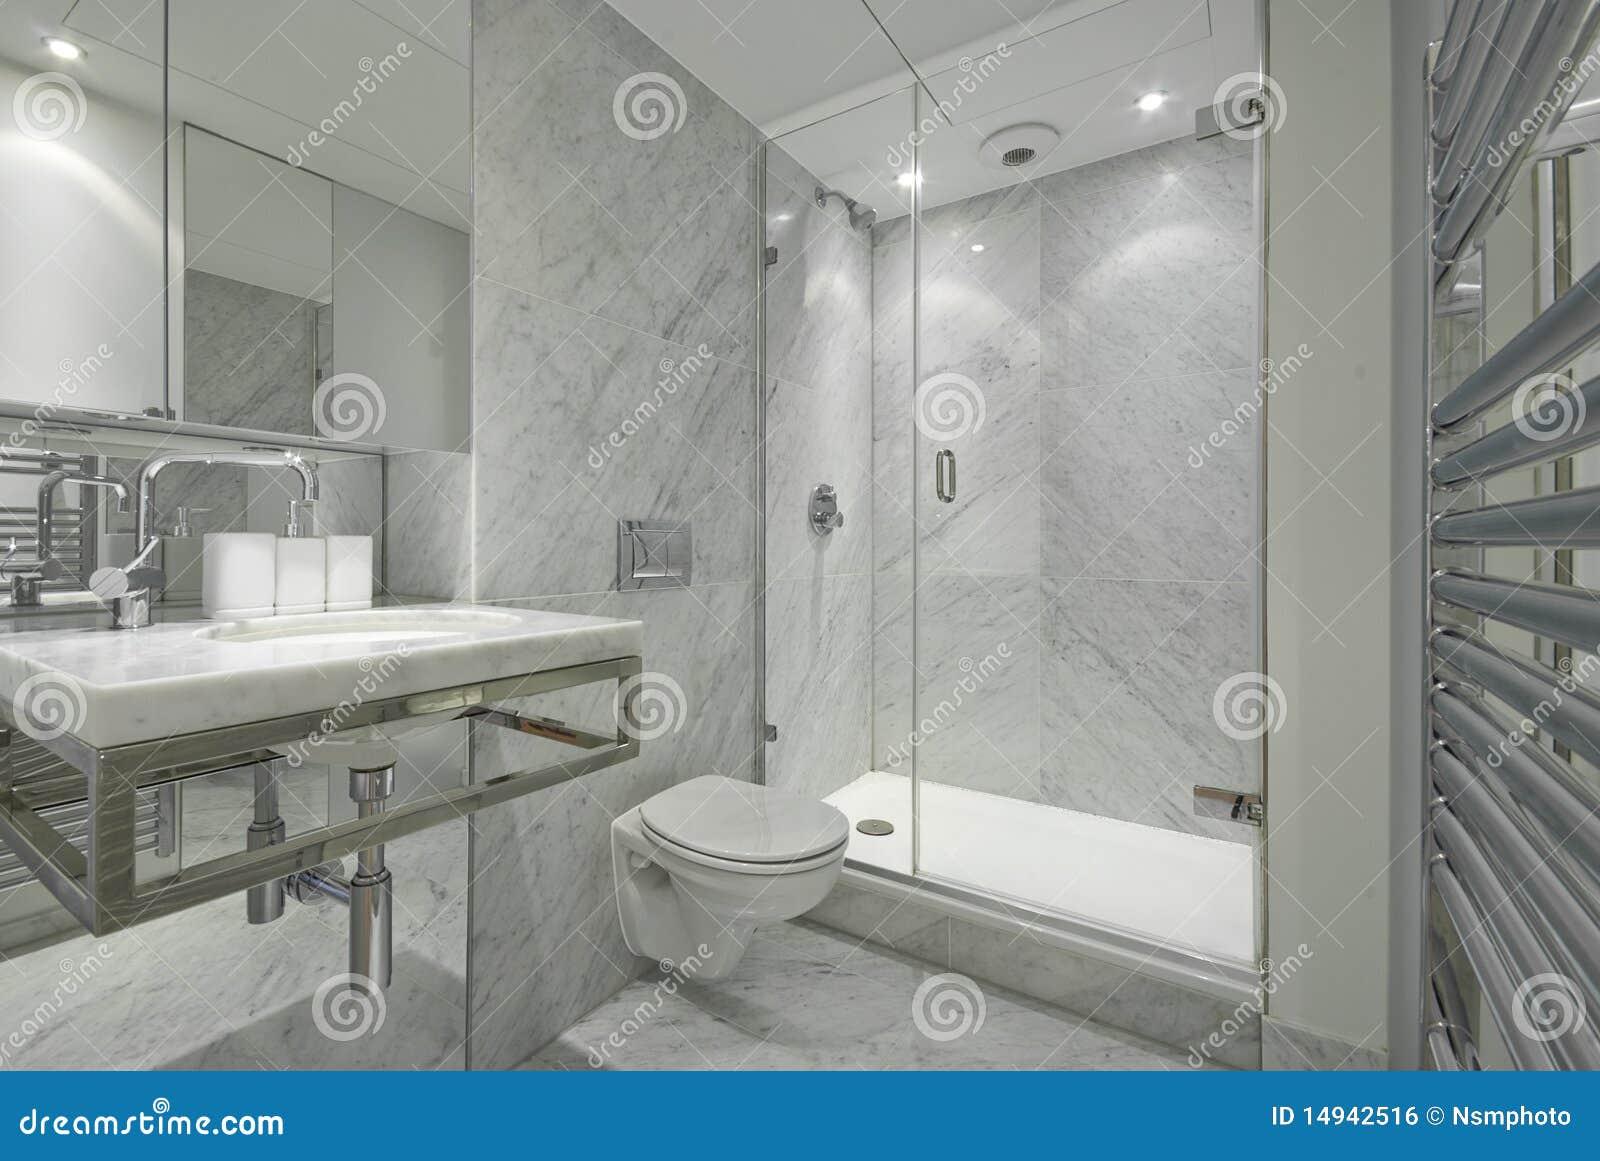 Baños Modernos En Marmol:Modern White Marble Bathroom